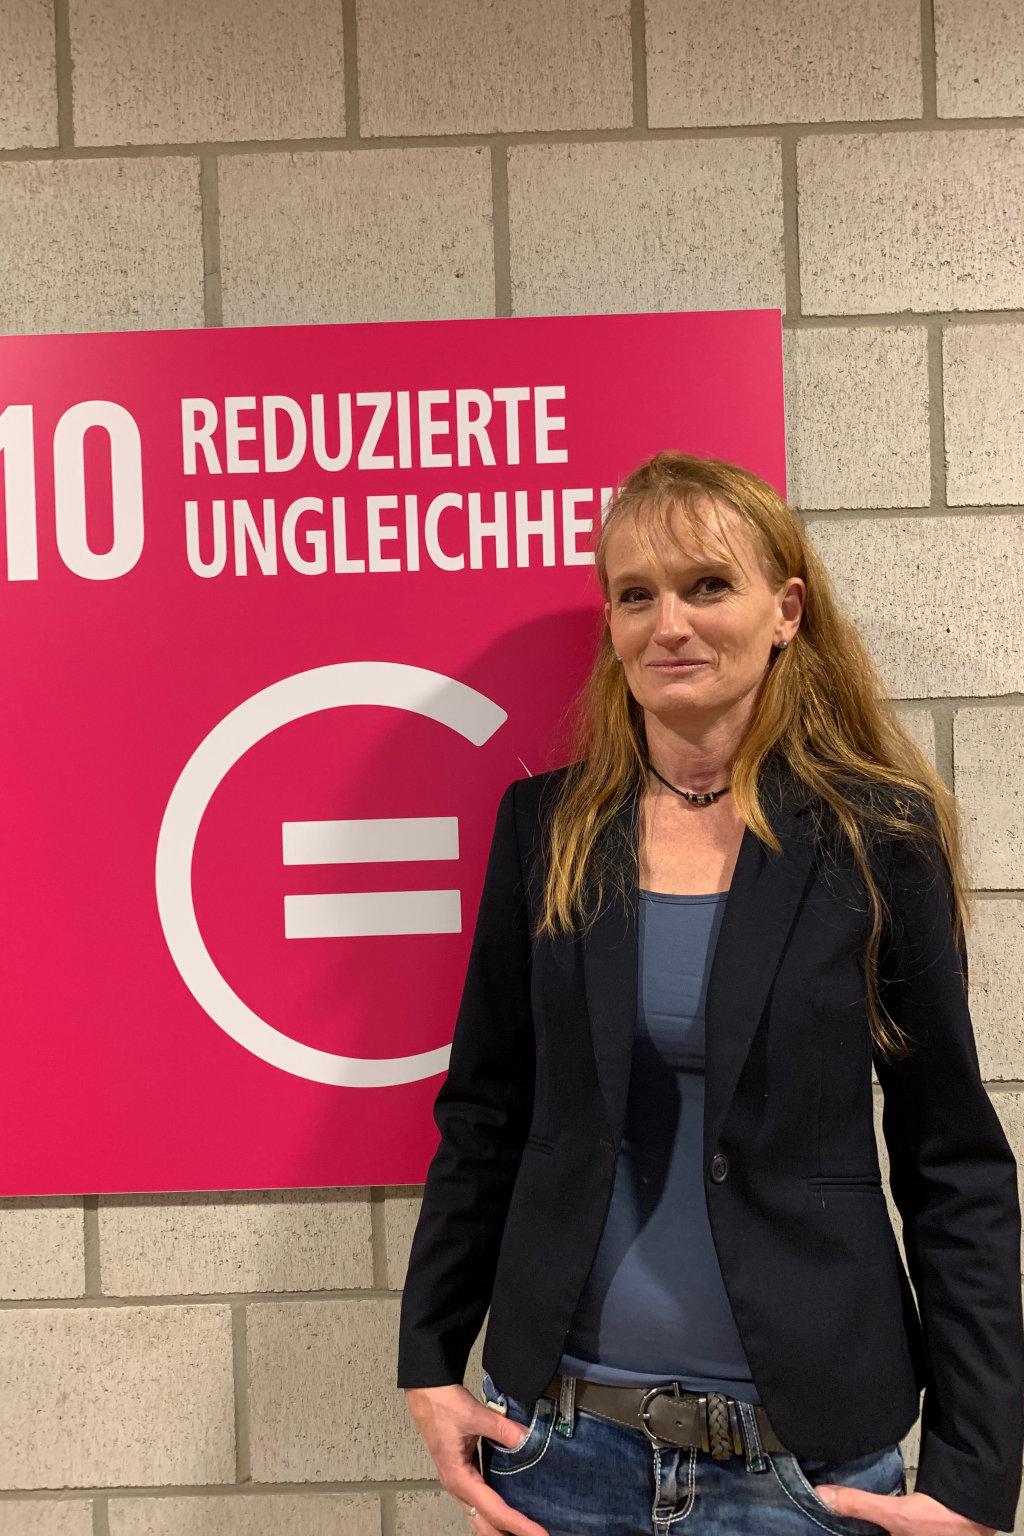 Dr. Birgit Hartmann